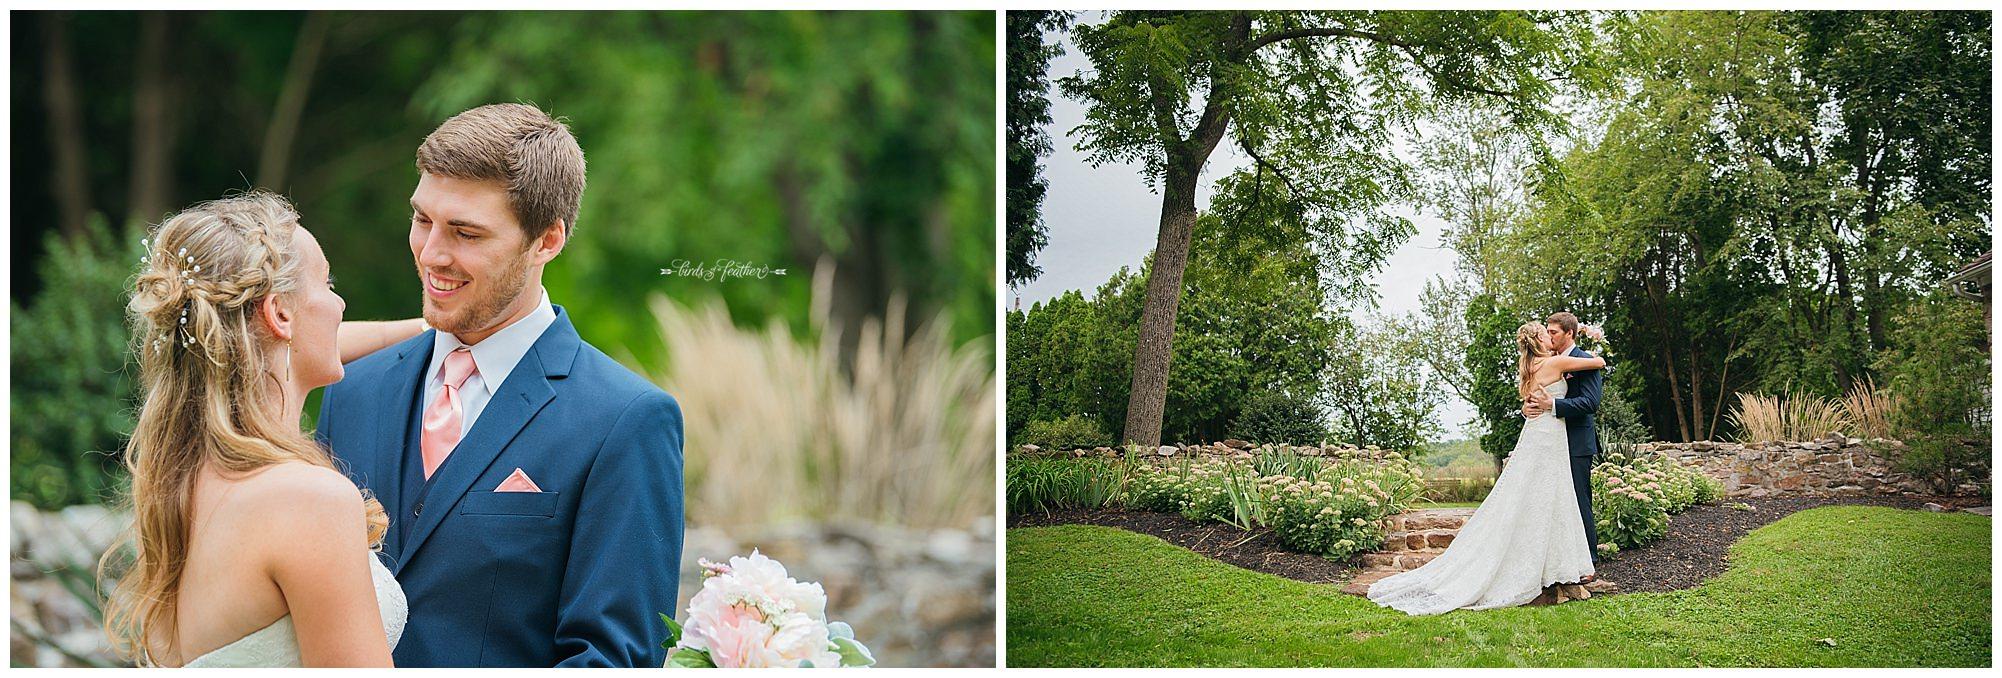 Birds of a Feather Photography Bally Spring Inn Wedding Photographer 07